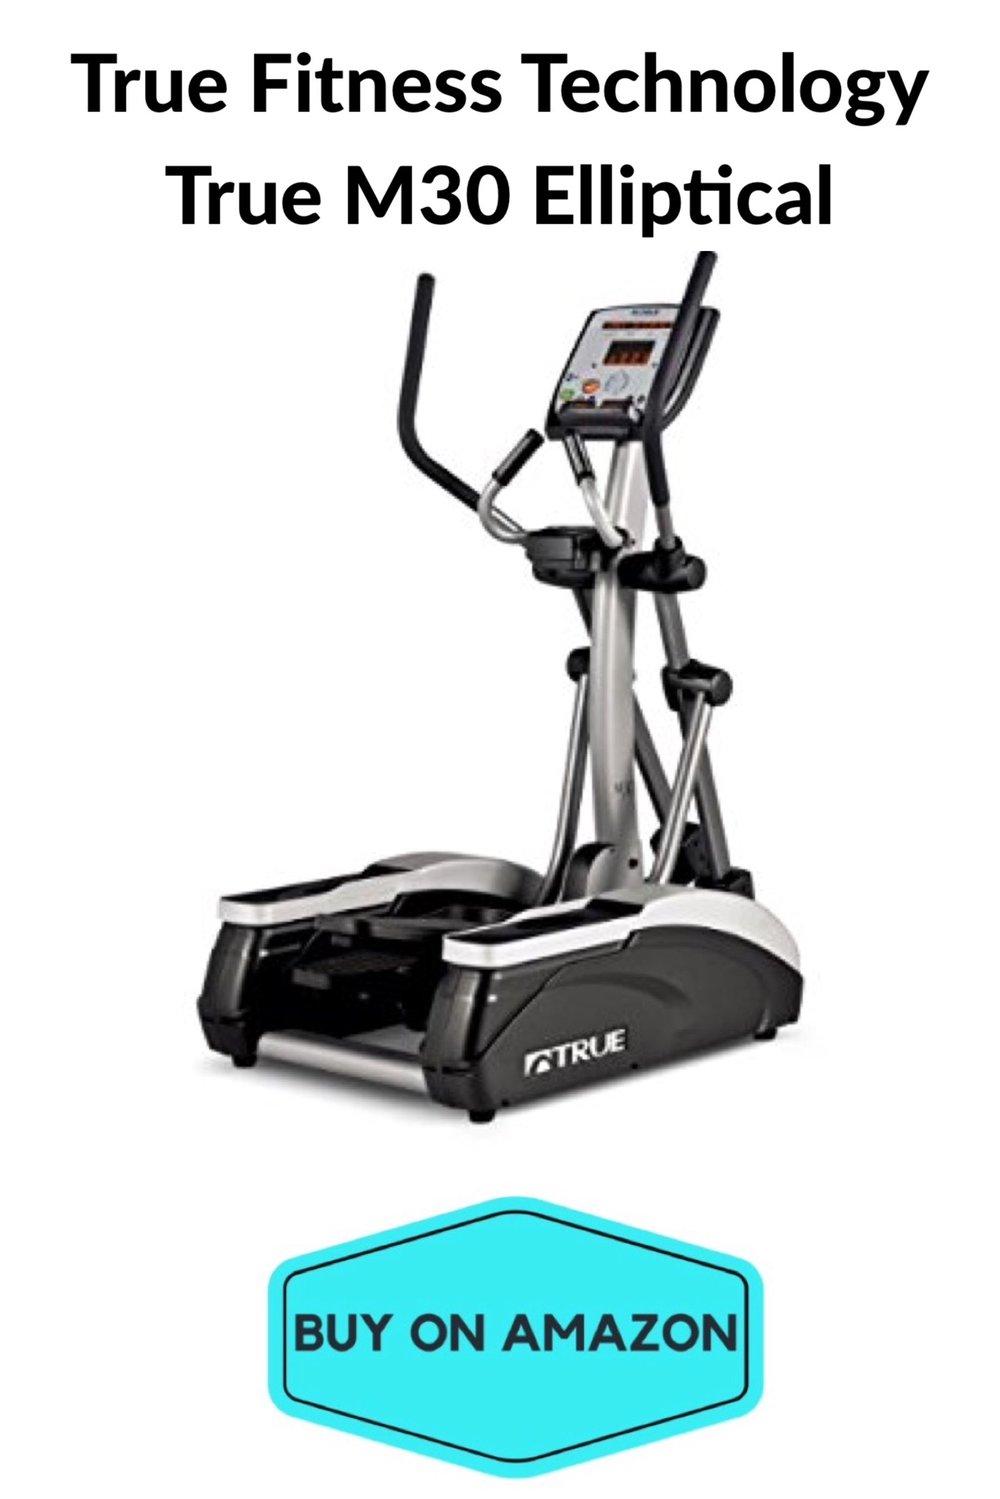 True Fitness: True M30 Elliptical Trainer